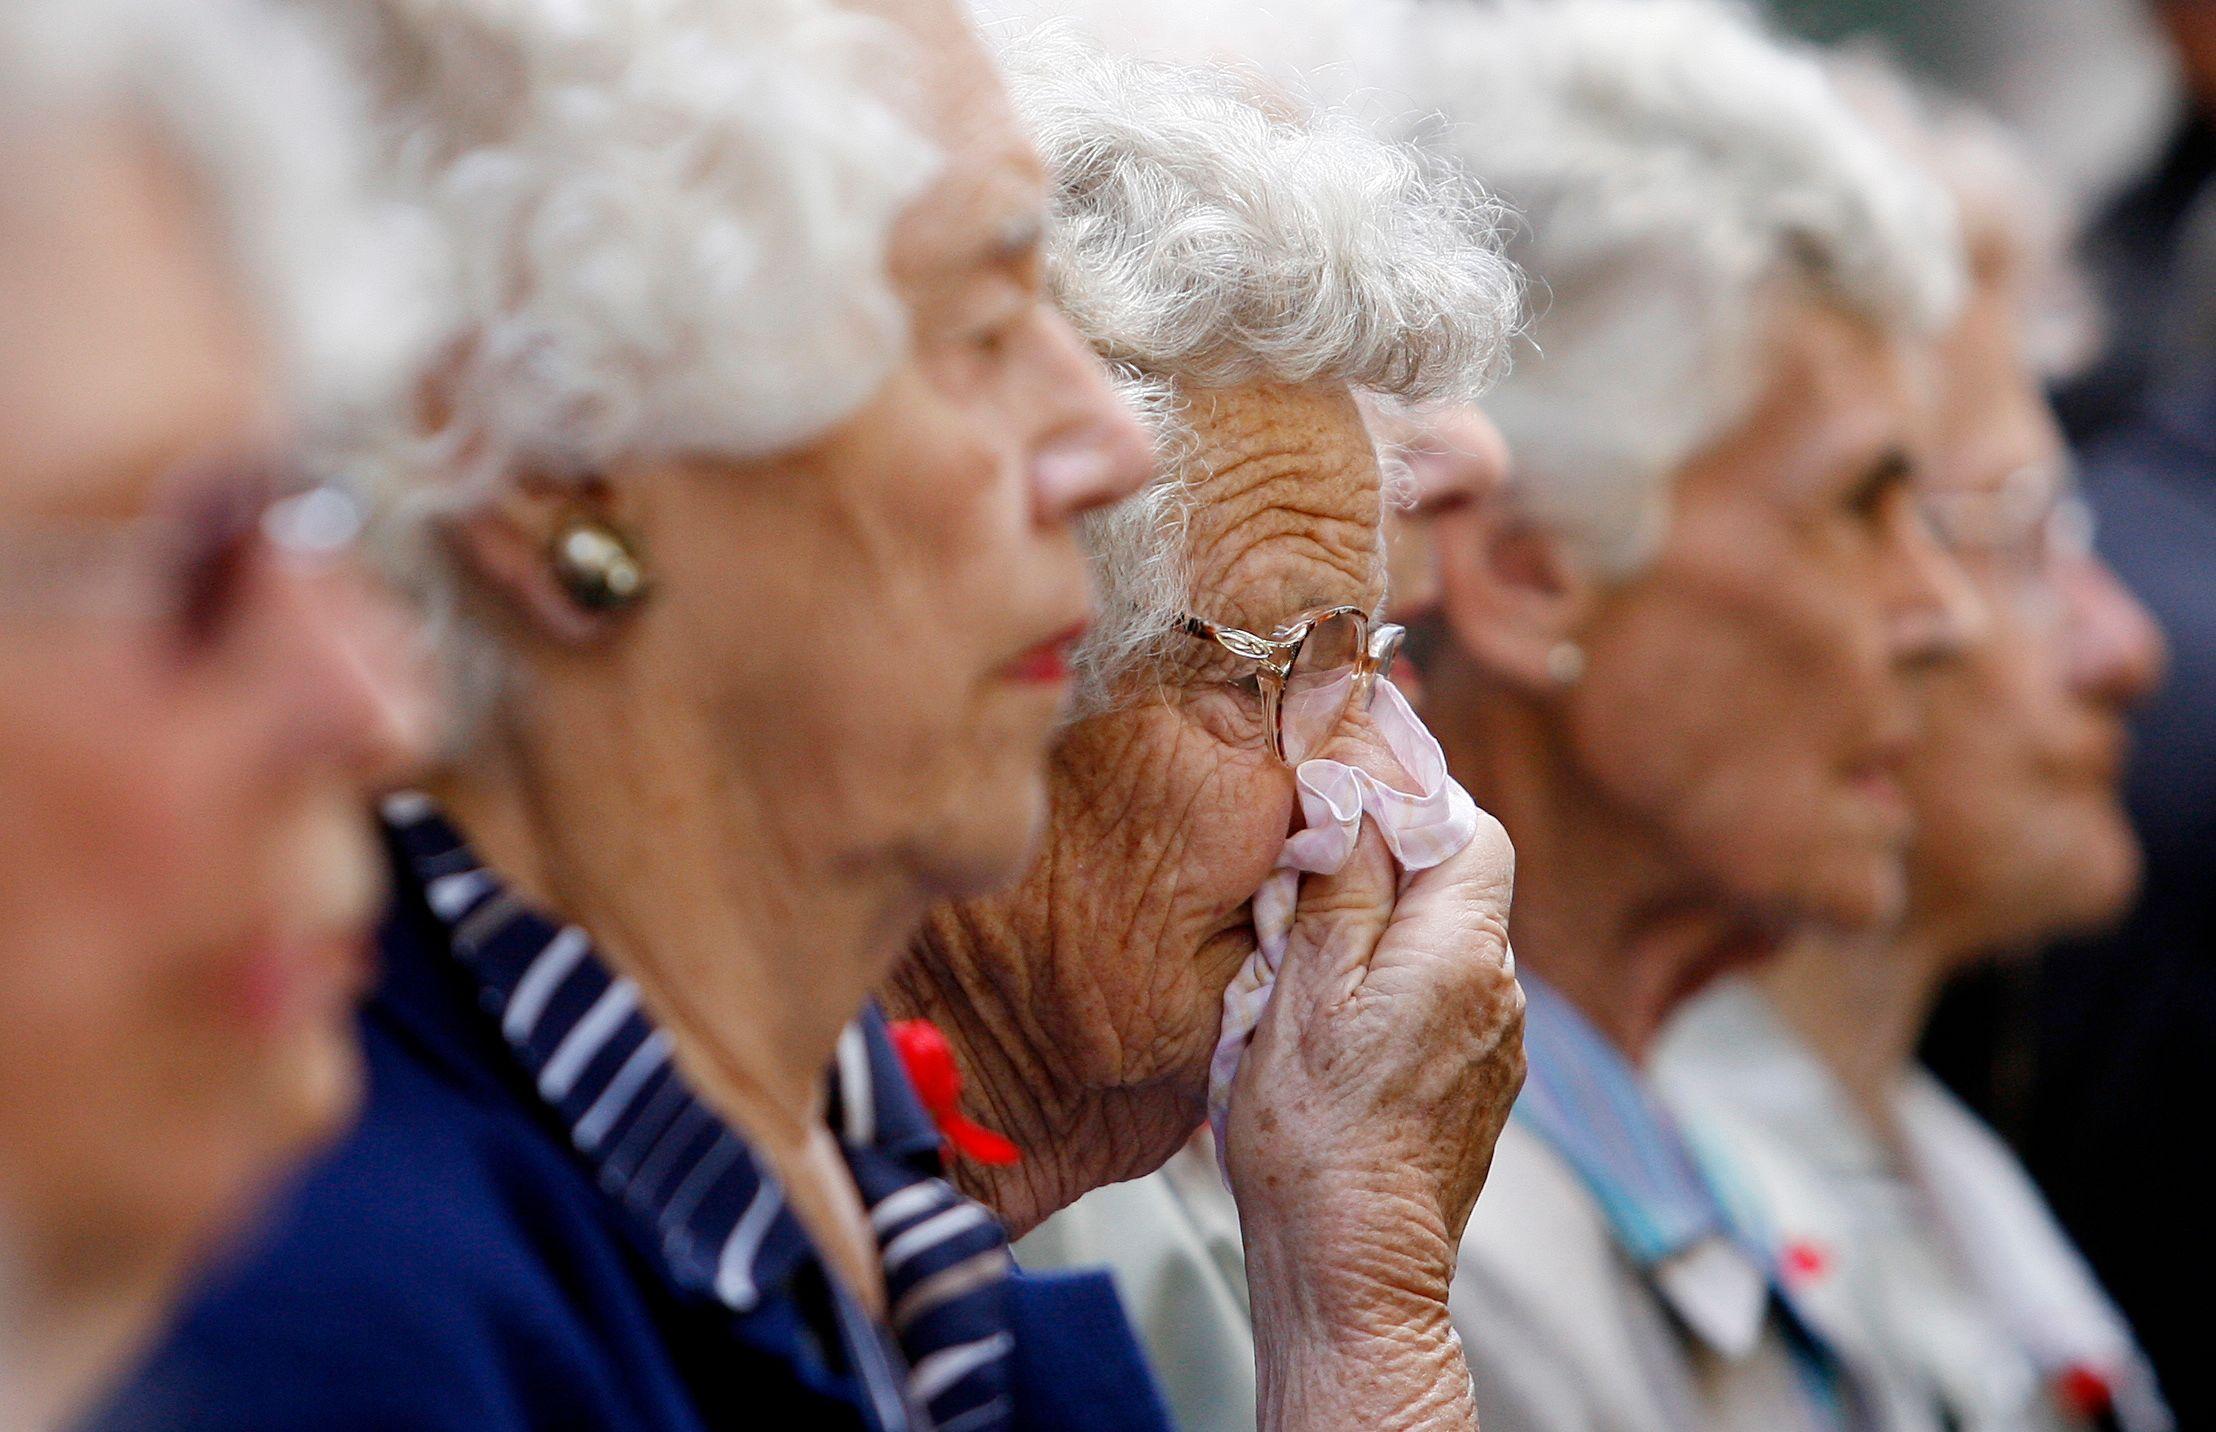 Les prédictions sur le déficit des retraites oublient des milliards d'euros en route